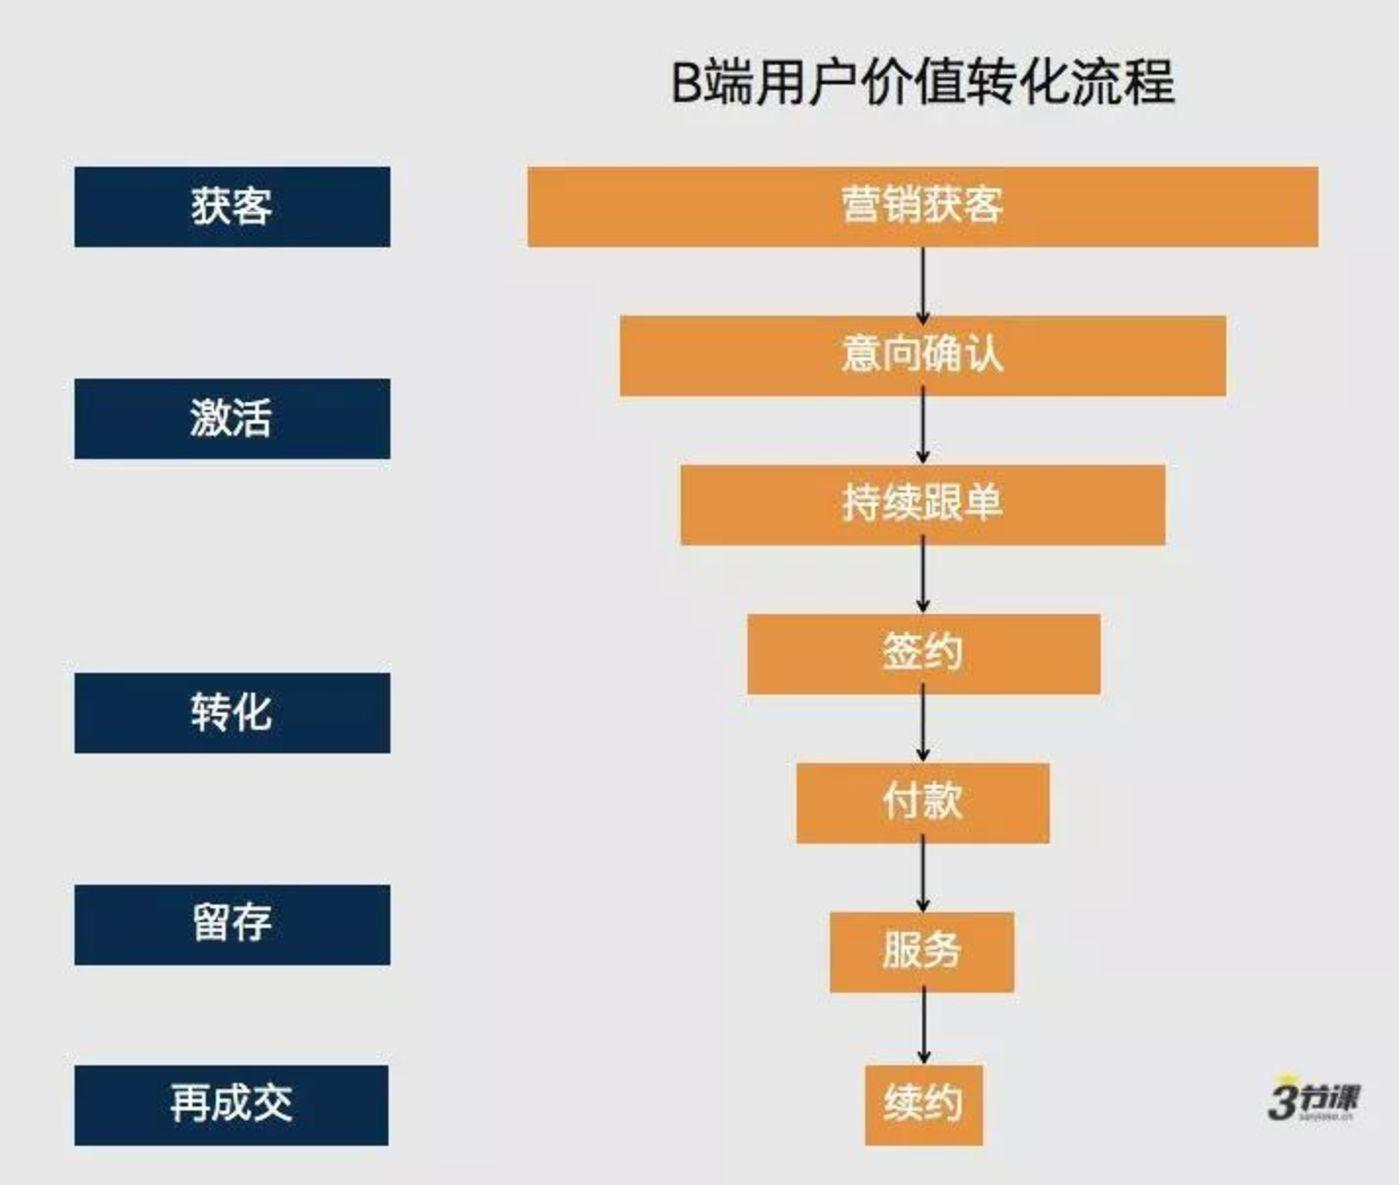 1、3种to b业务类型   to b业务包含了哪些业务类型呢?